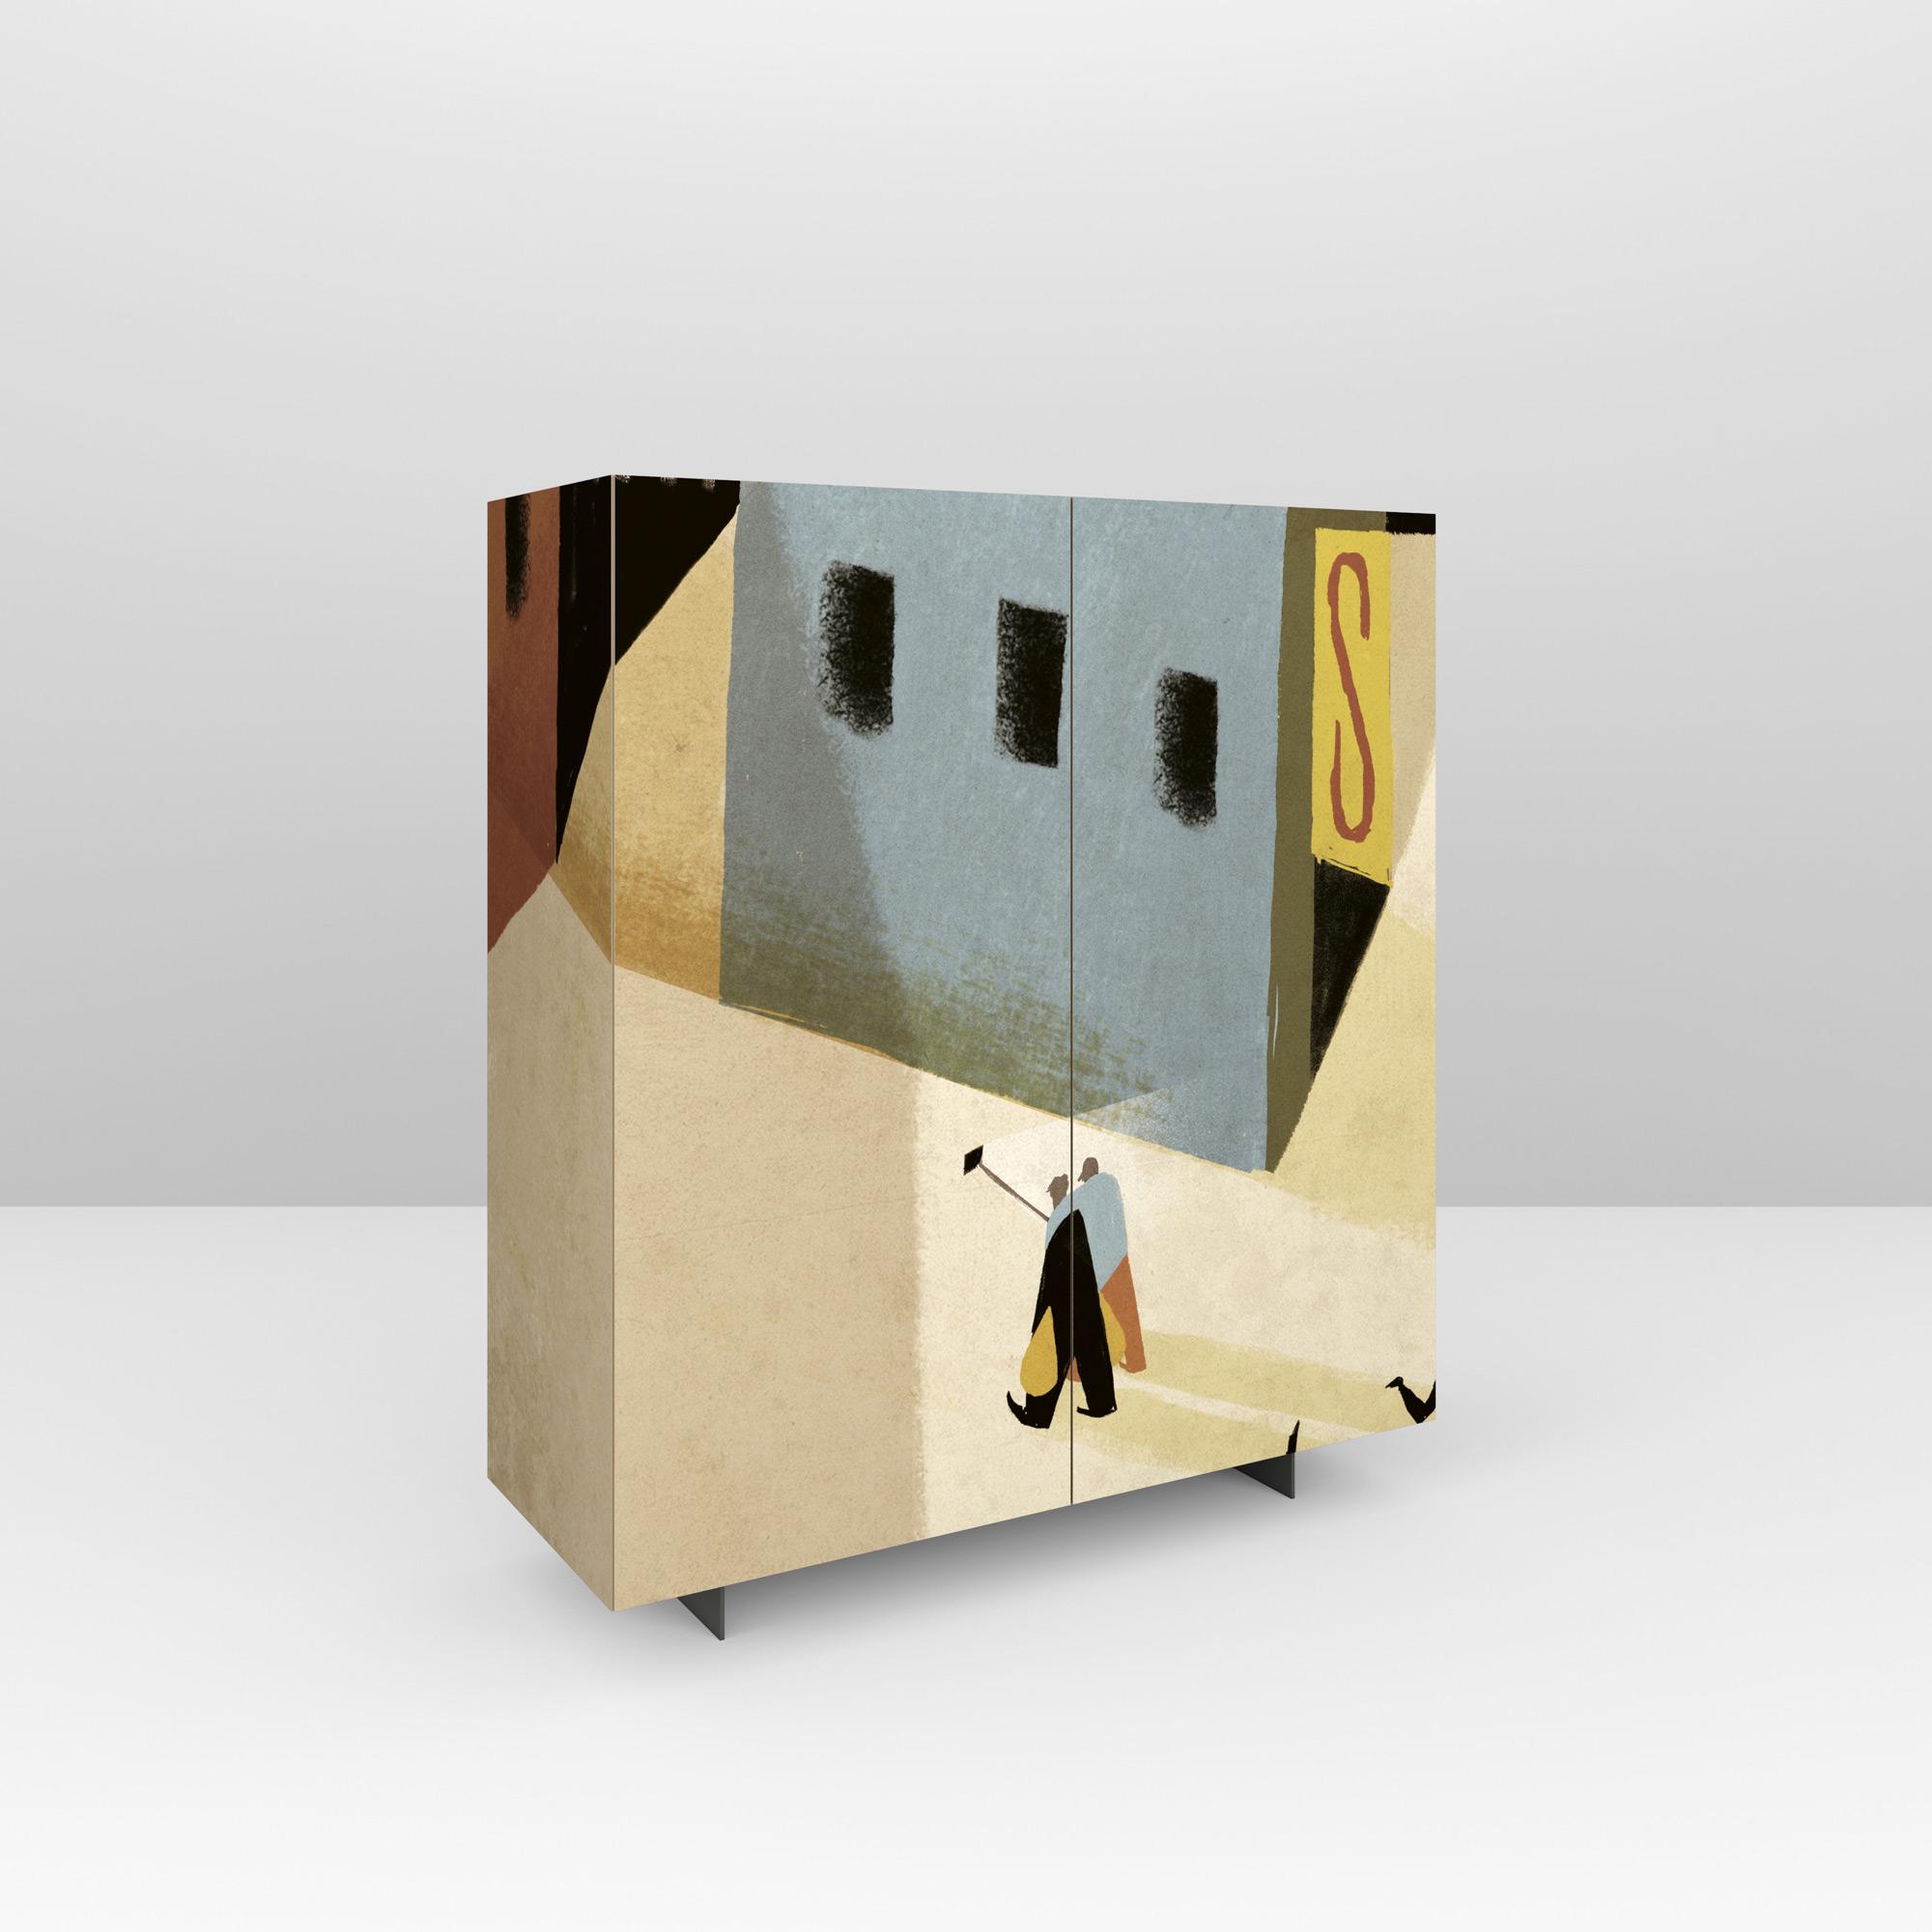 Pictoom Mobili Arte Marogna Arredamenti Illustratori grafica Riccardo Guasco